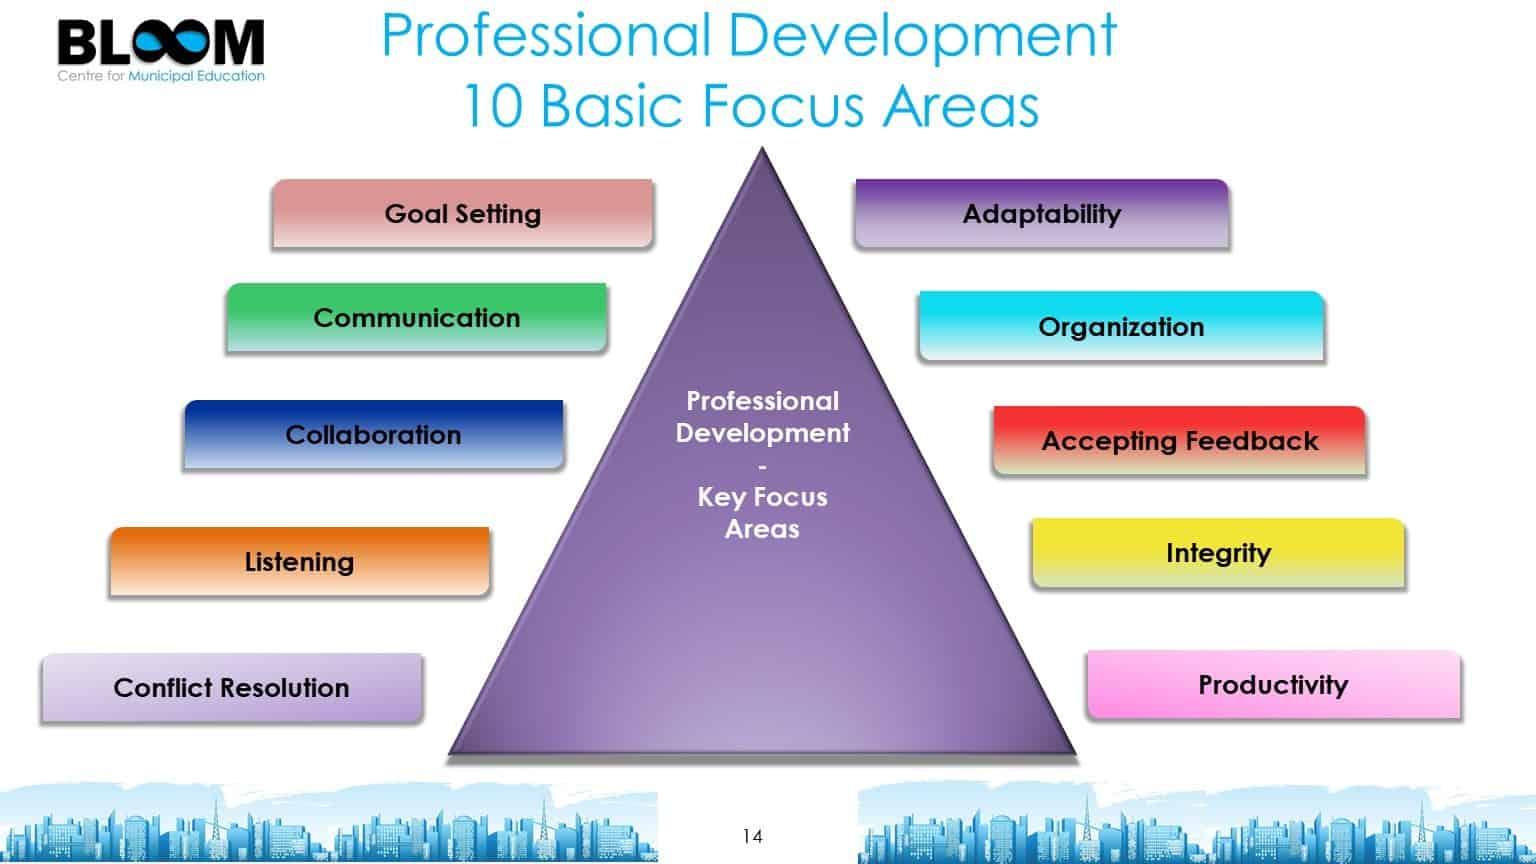 Professional Development Focus Areas